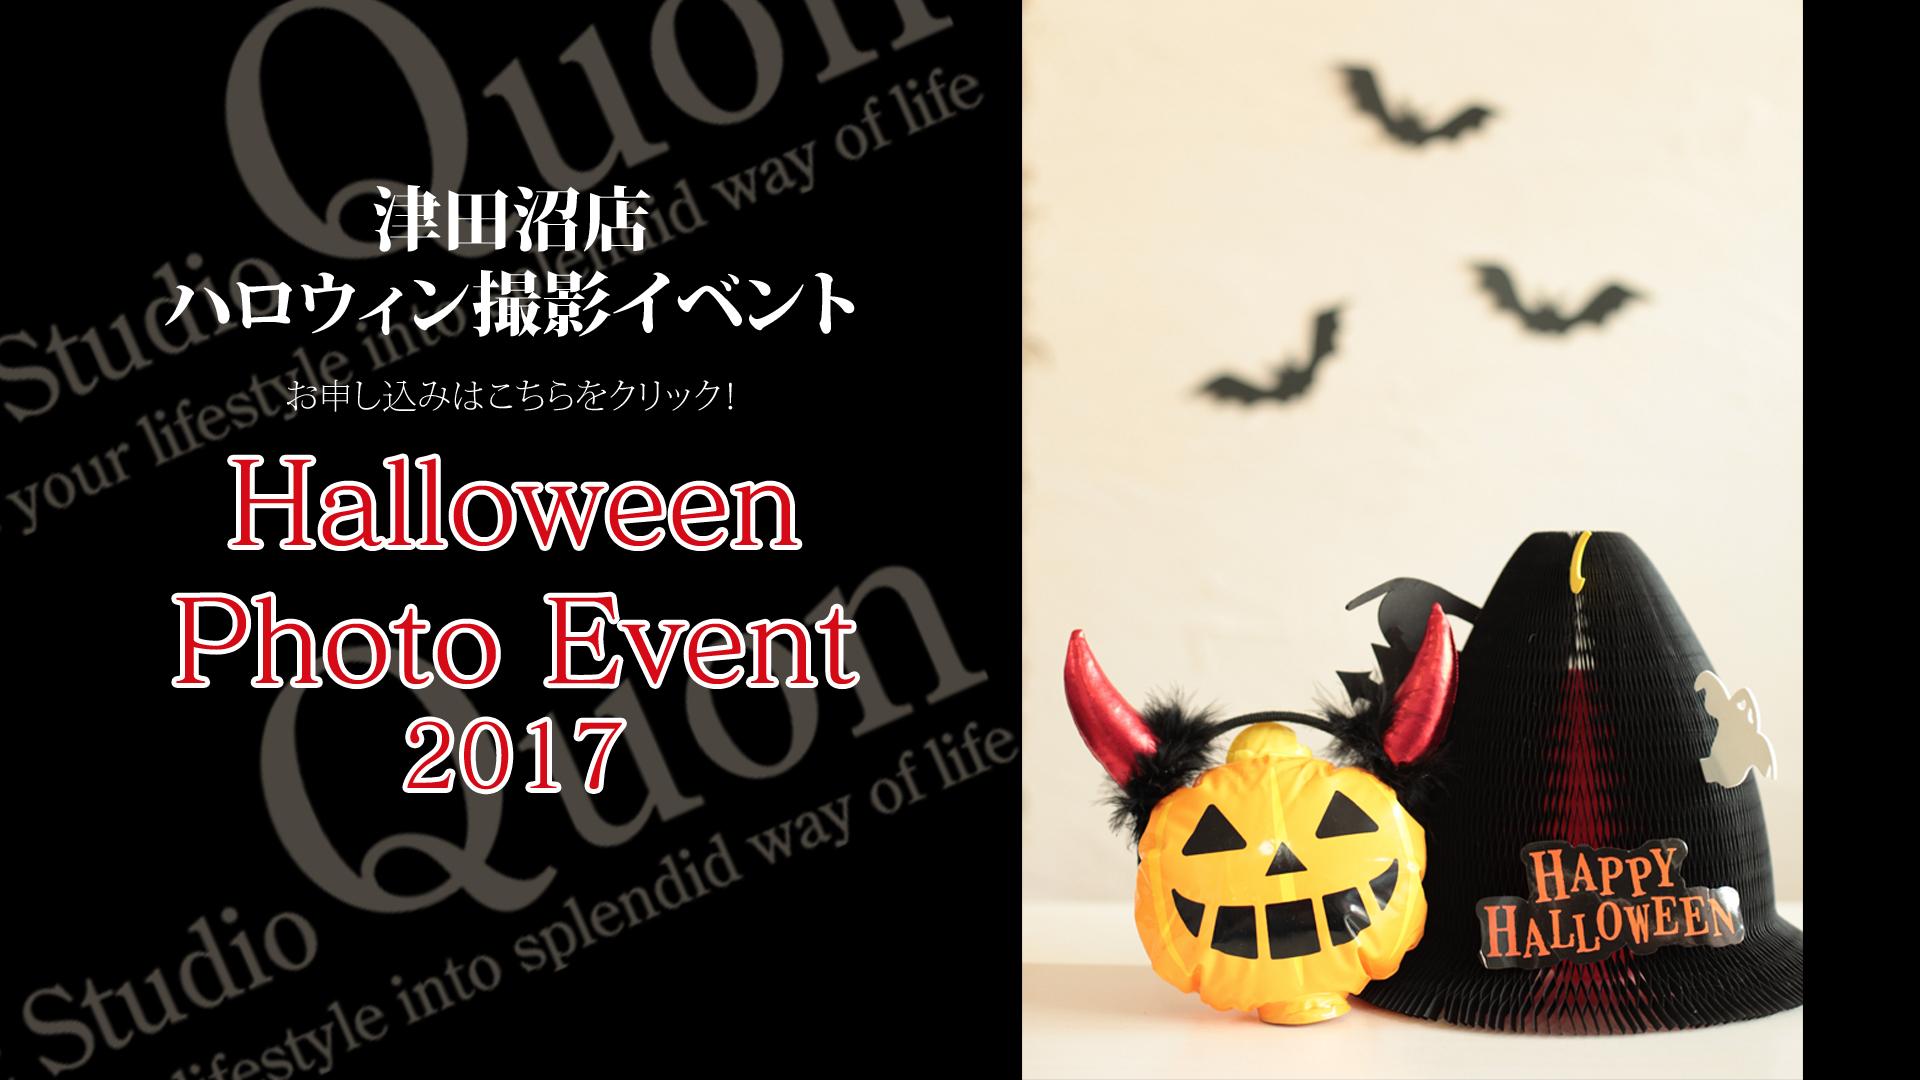 津田沼店 10月ハロウィン撮影イベント開催!